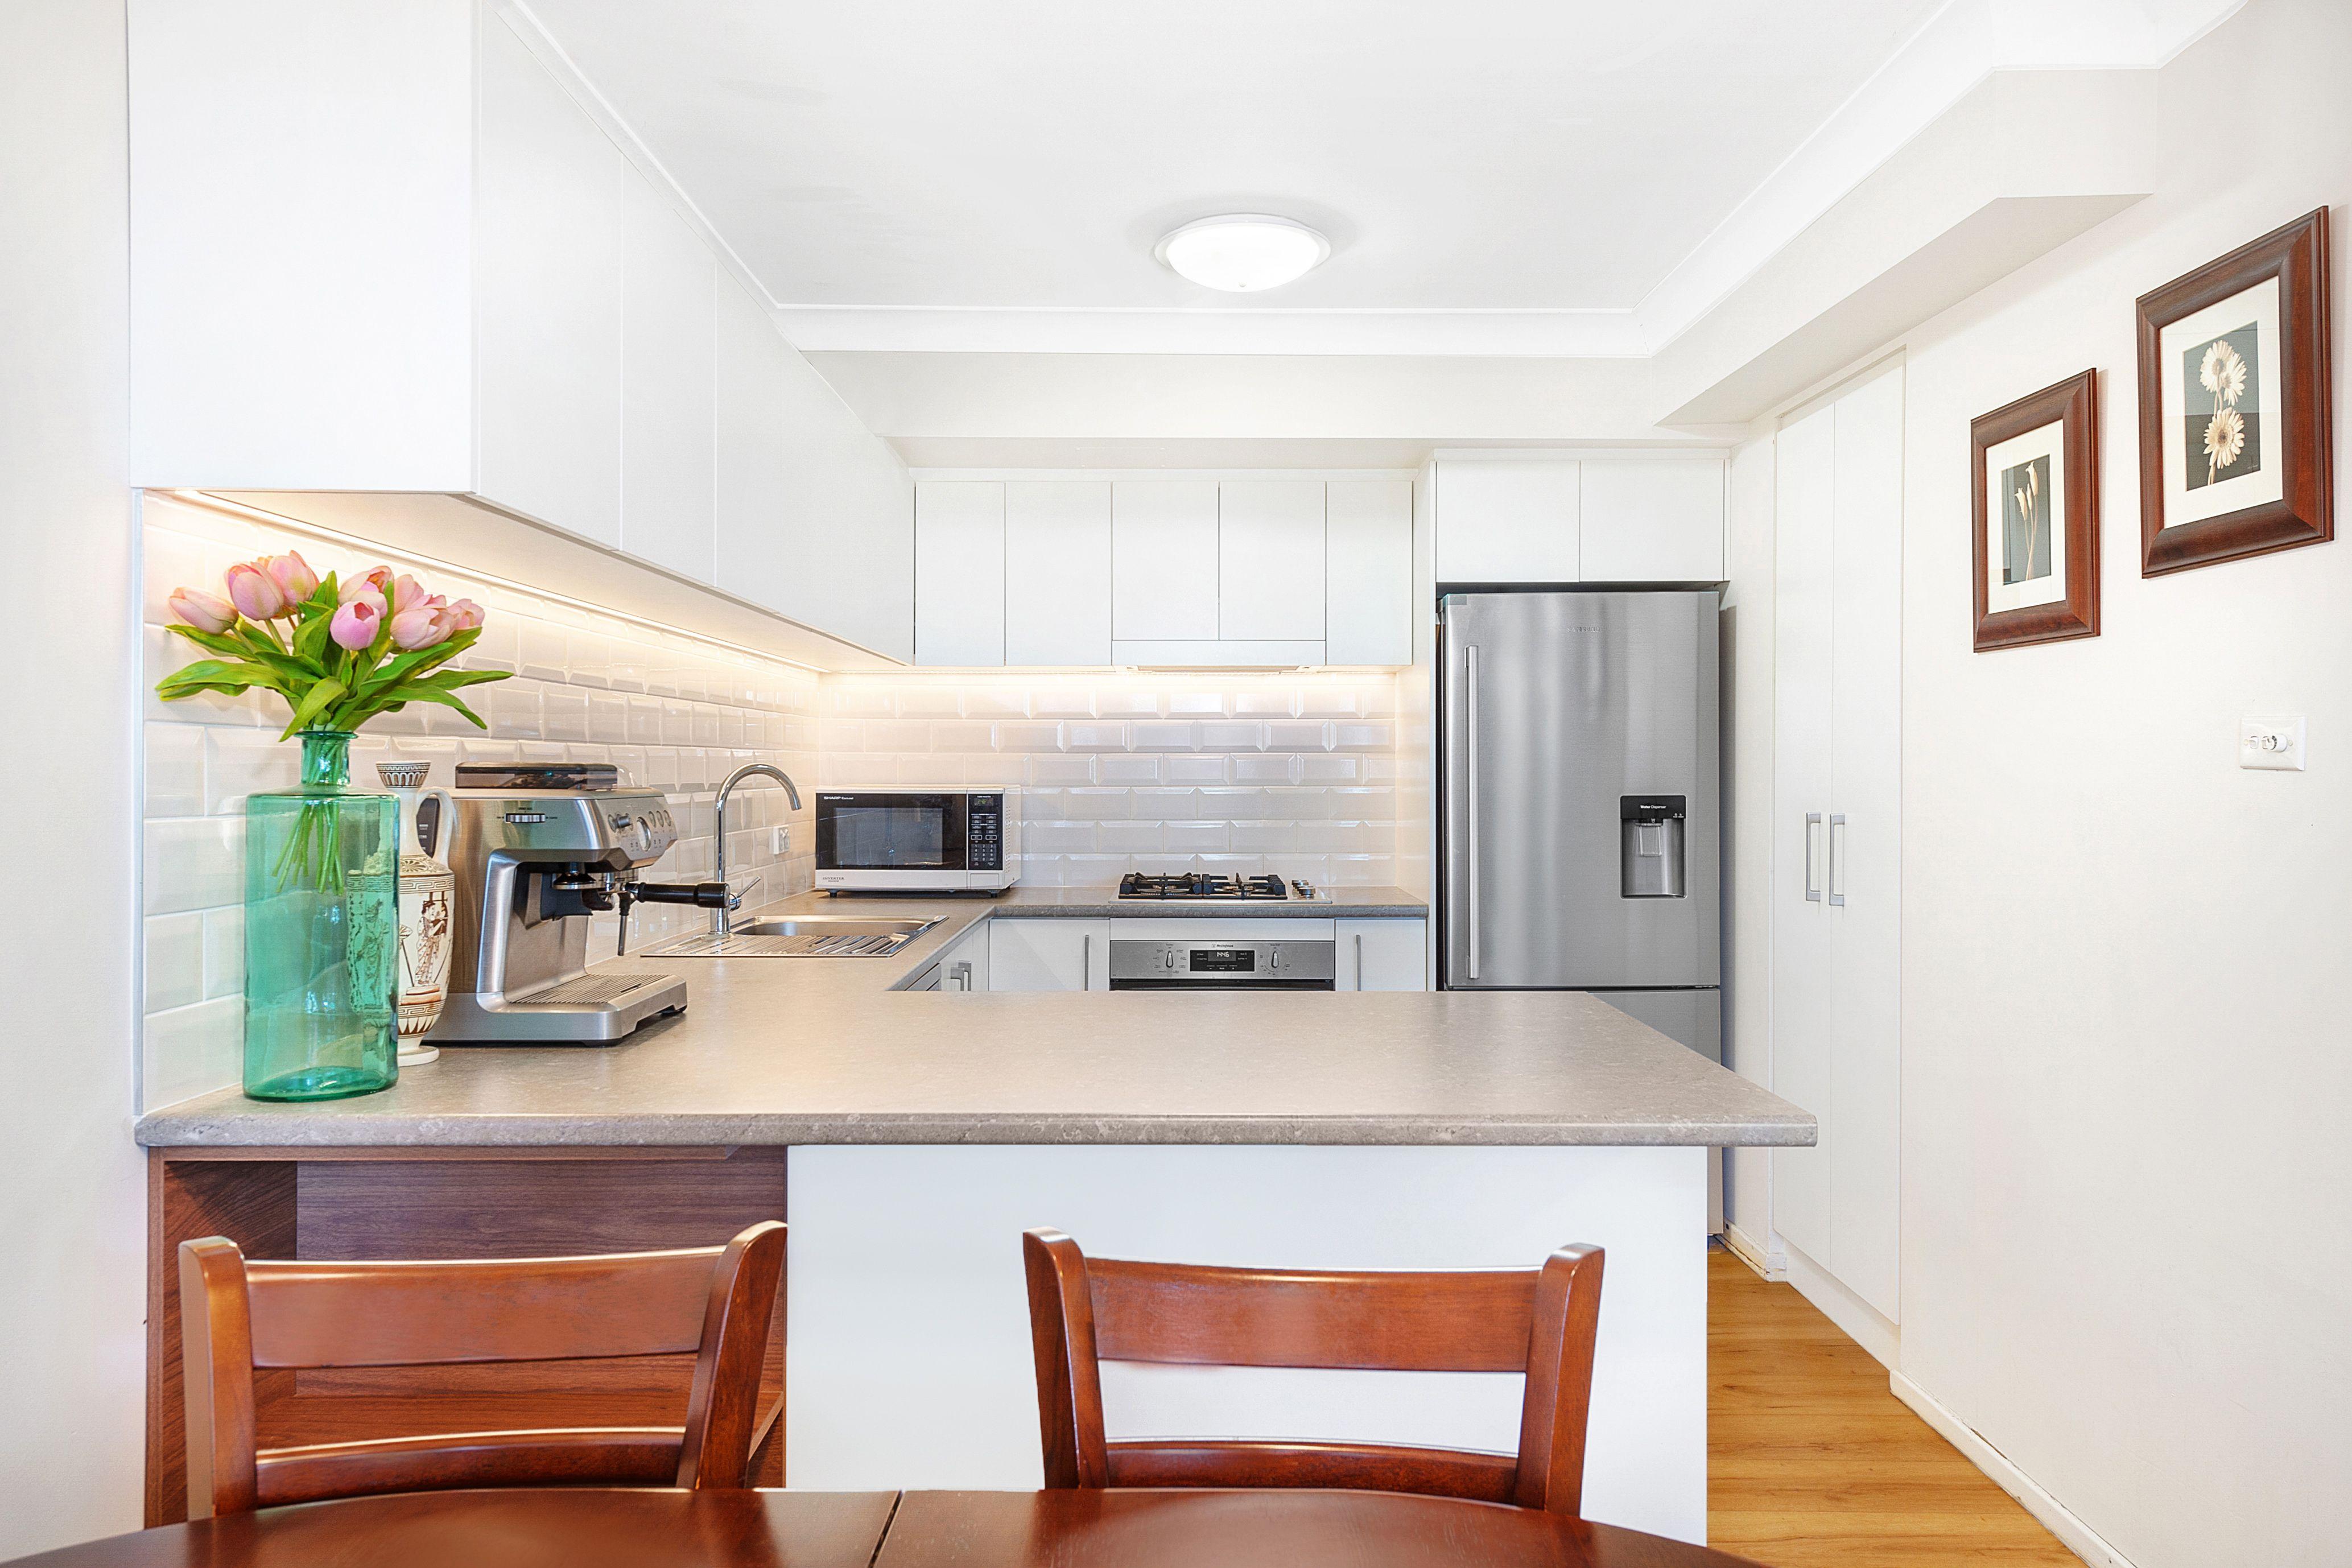 41/1 Bennett Avenue, Strathfield South NSW 2136